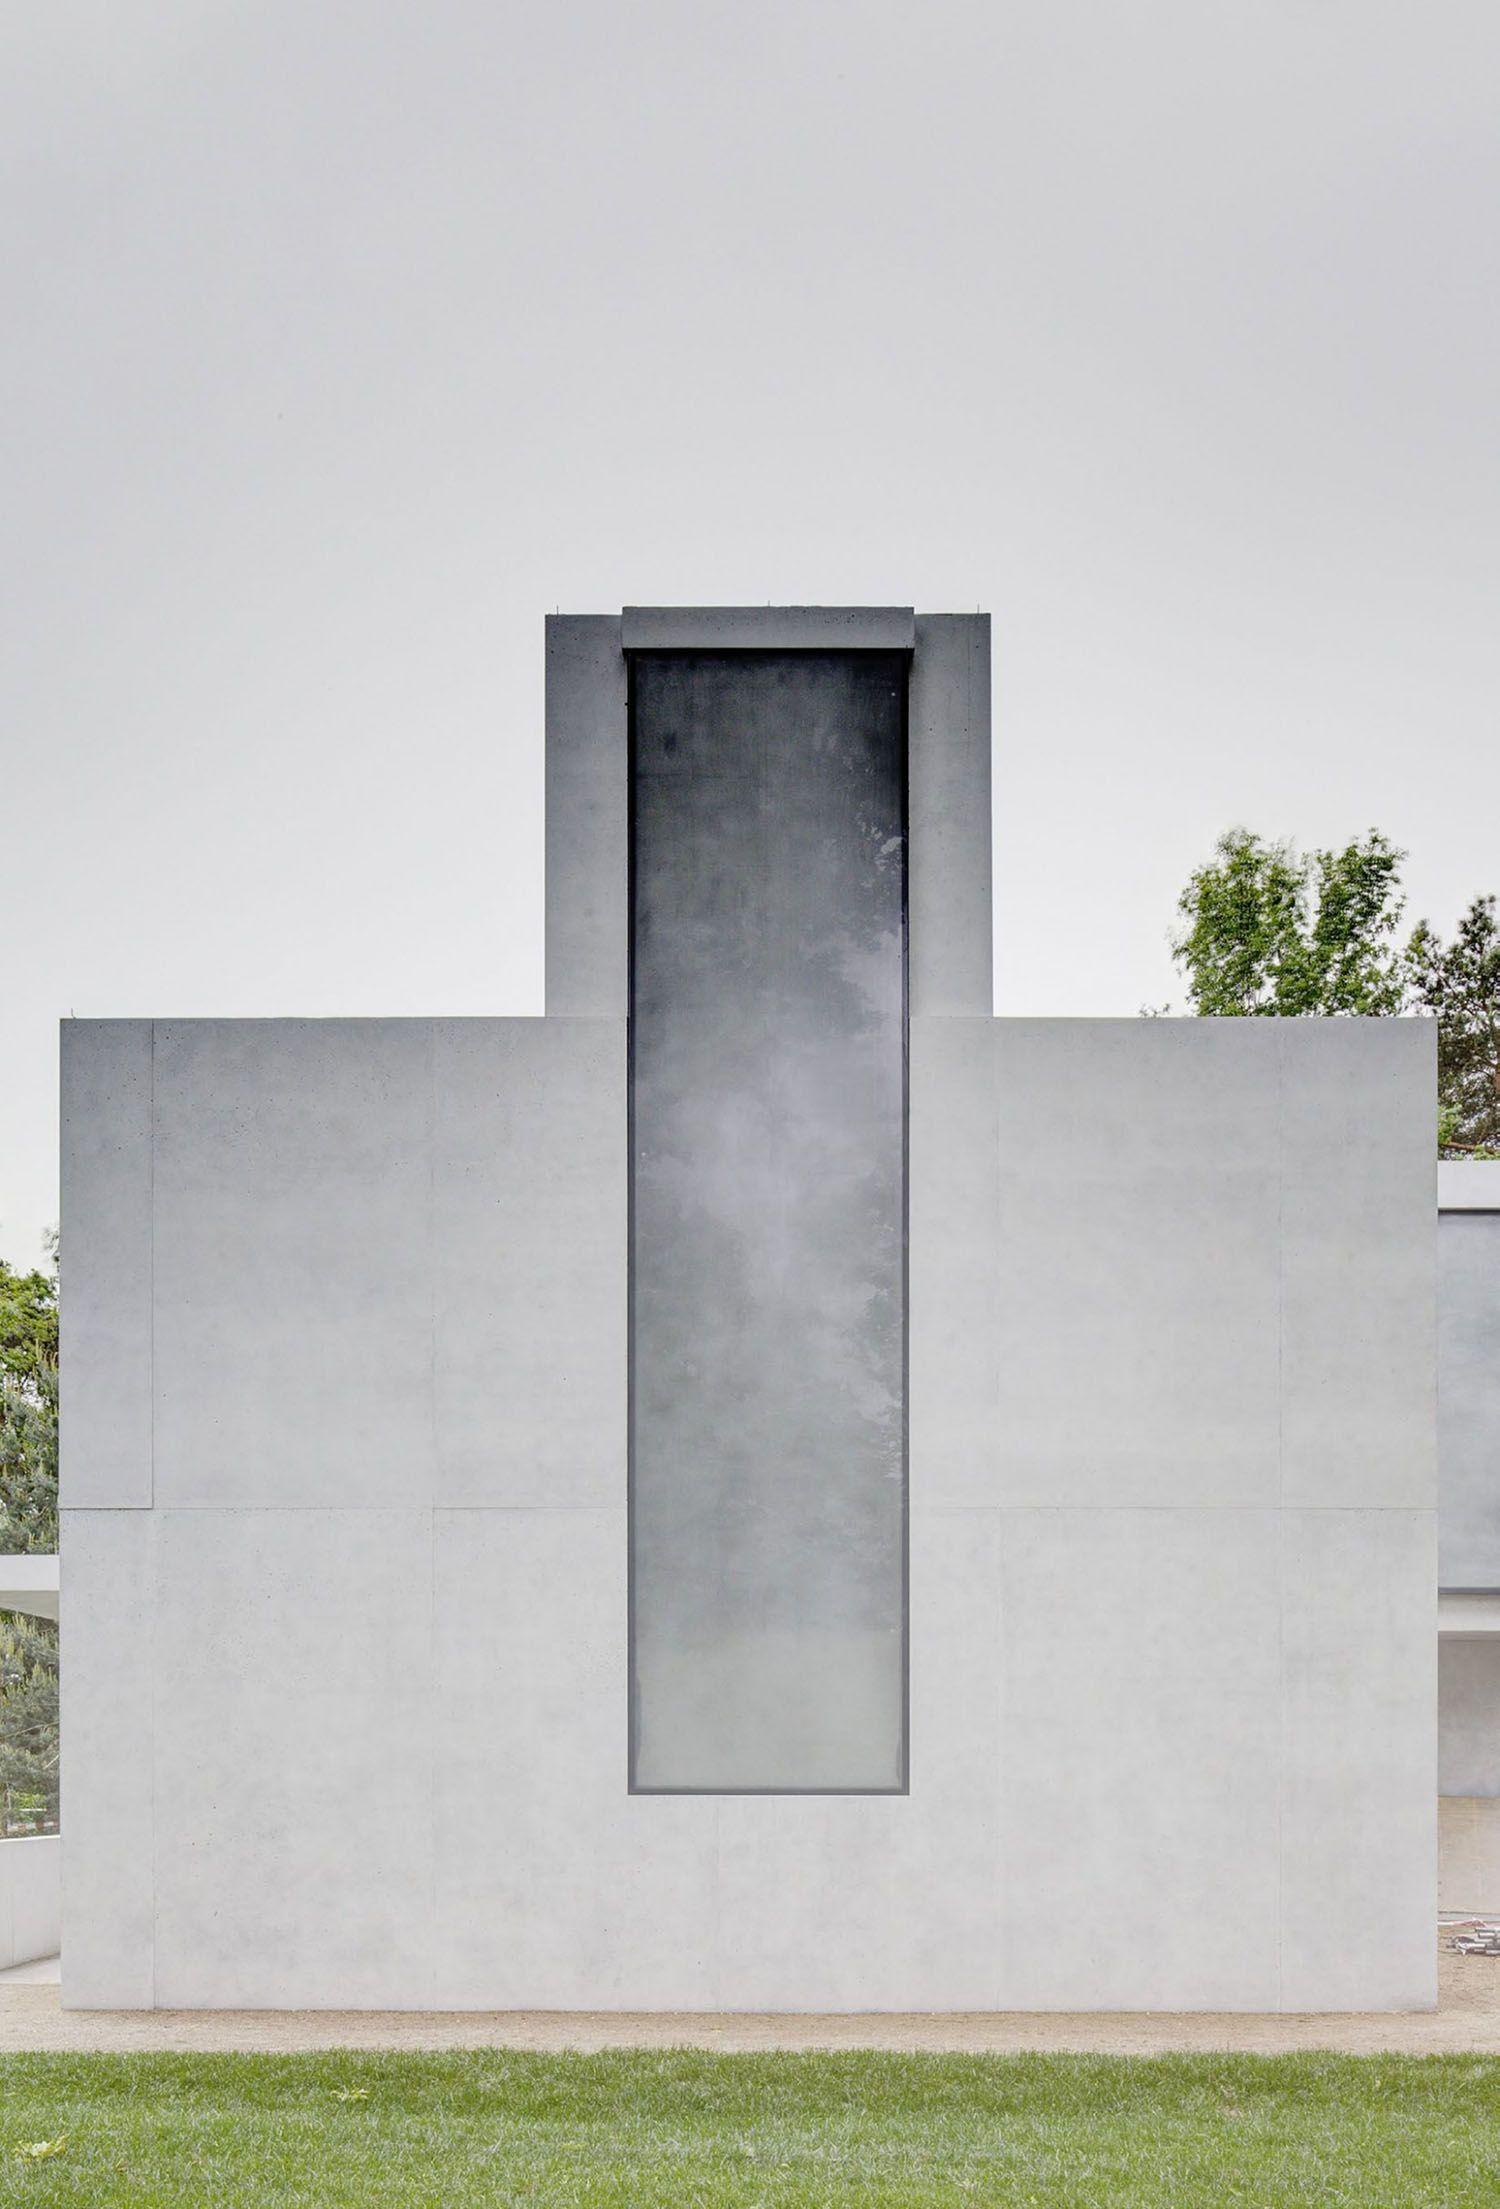 Neue Meisterhauser Bauhaus Dessau By Bruno Fioretti Marquez V 2020 G Beton Arhitektura Dom Arhitektory